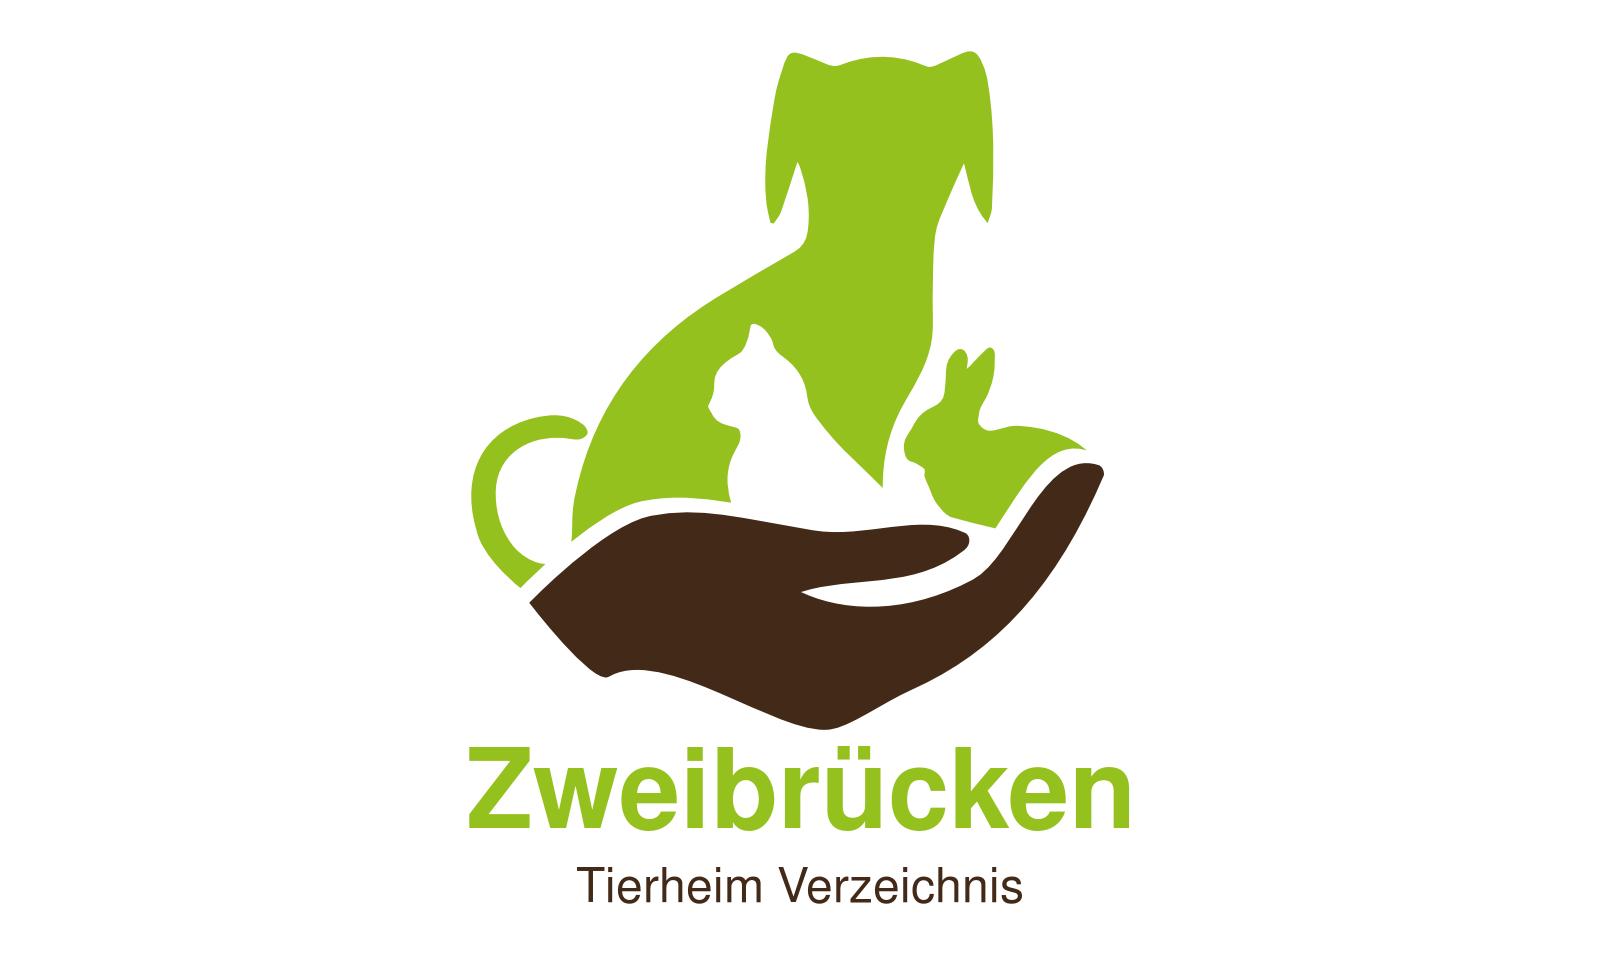 Tierheim Zweibrücken